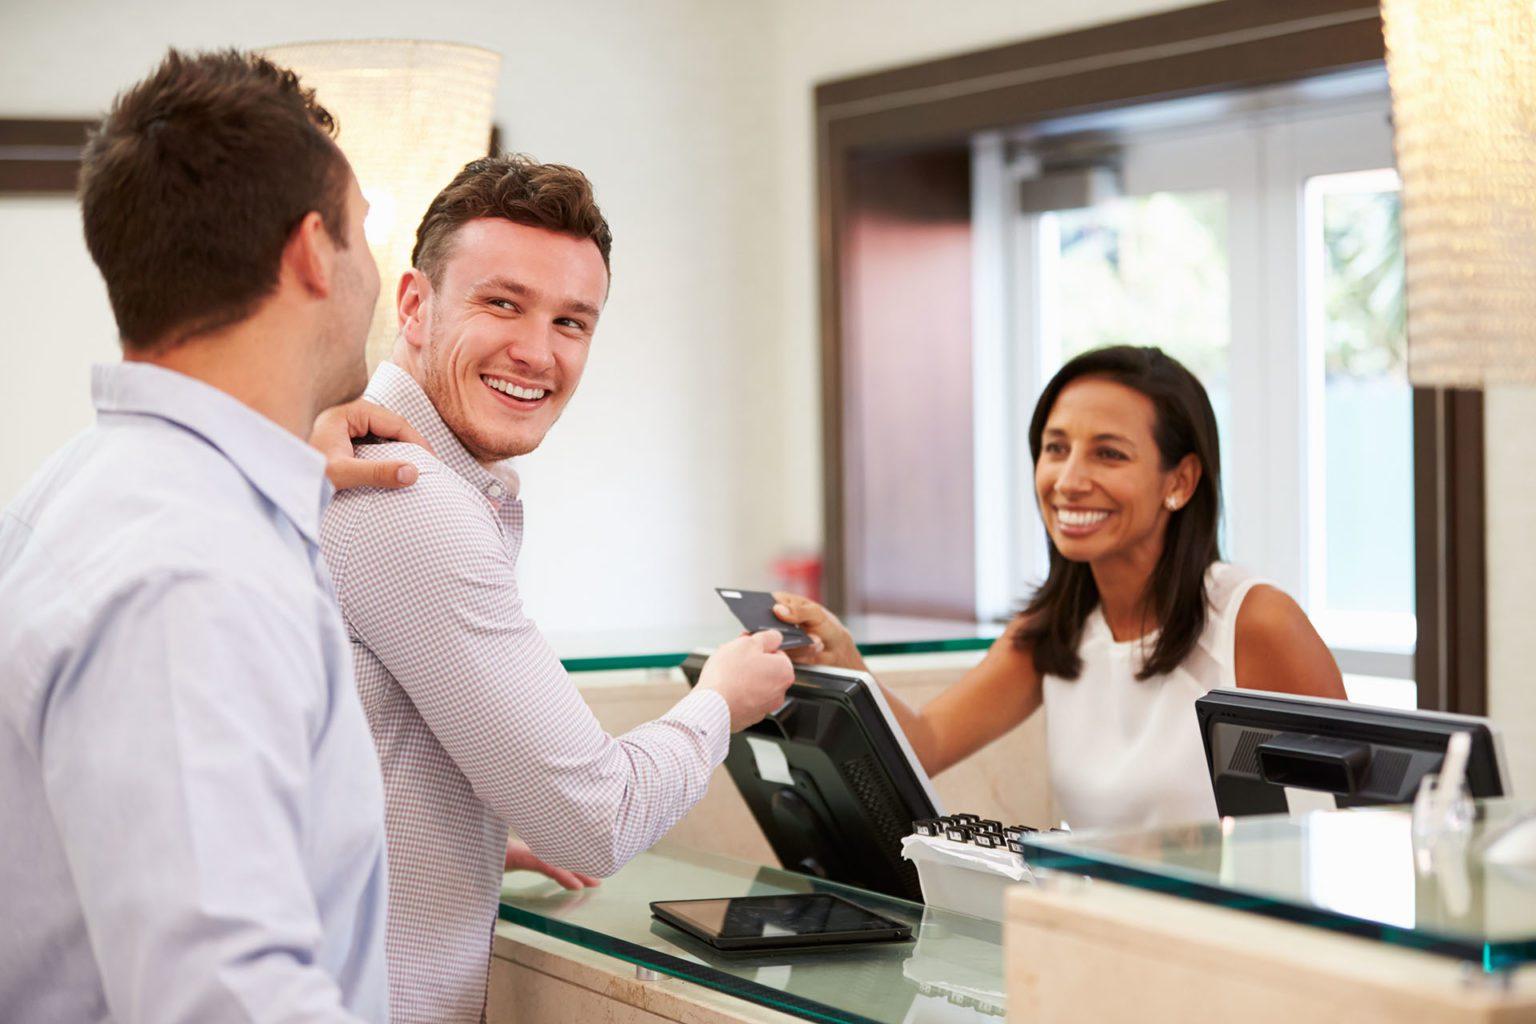 Pourquoi les hôtels investissent de plus en plus dans la fidélisation